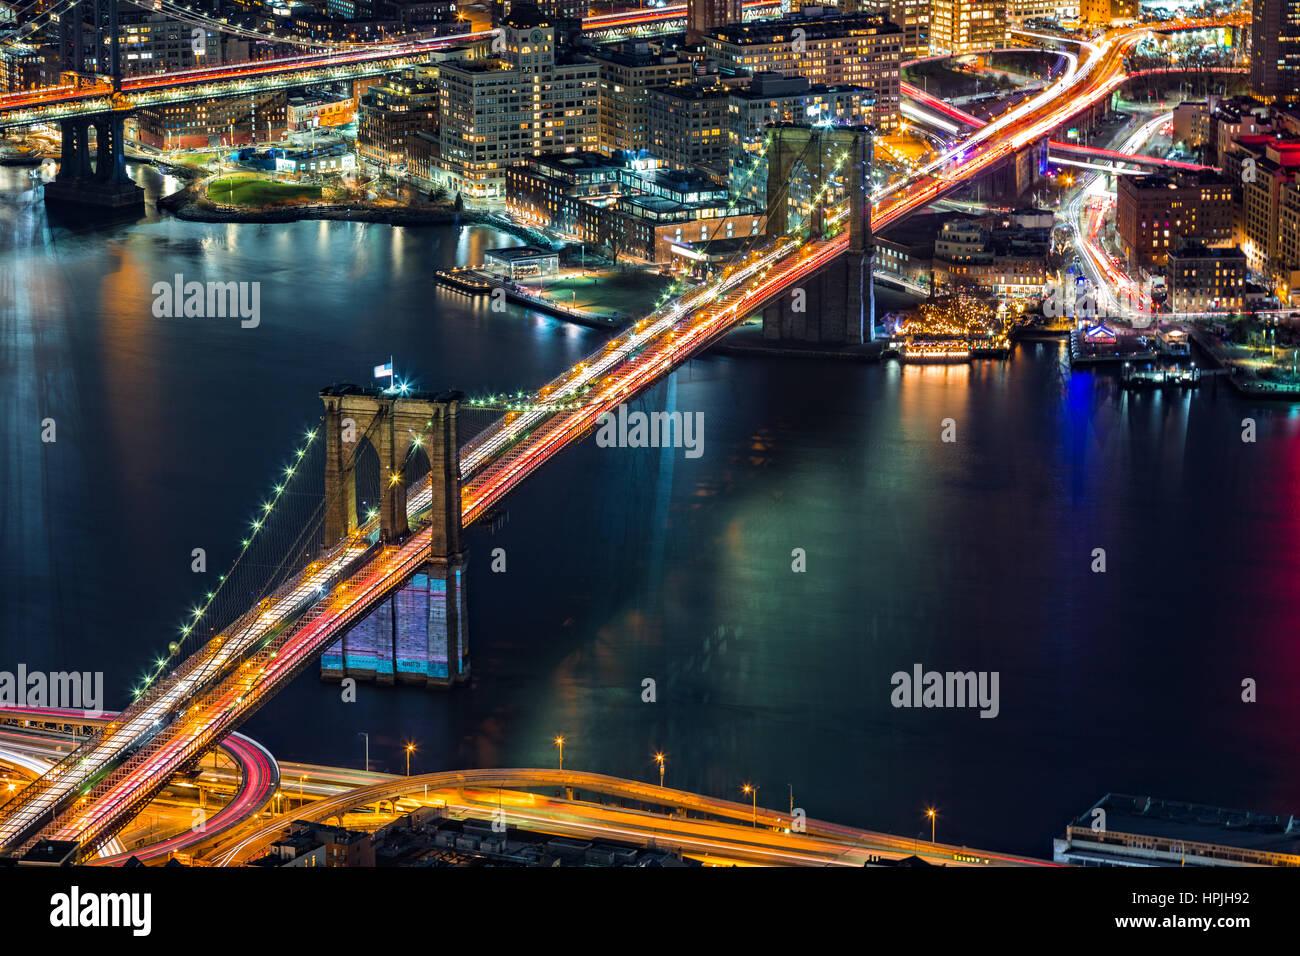 Vista aérea del Puente de Brooklyn por la noche, en la Ciudad de Nueva York Foto de stock